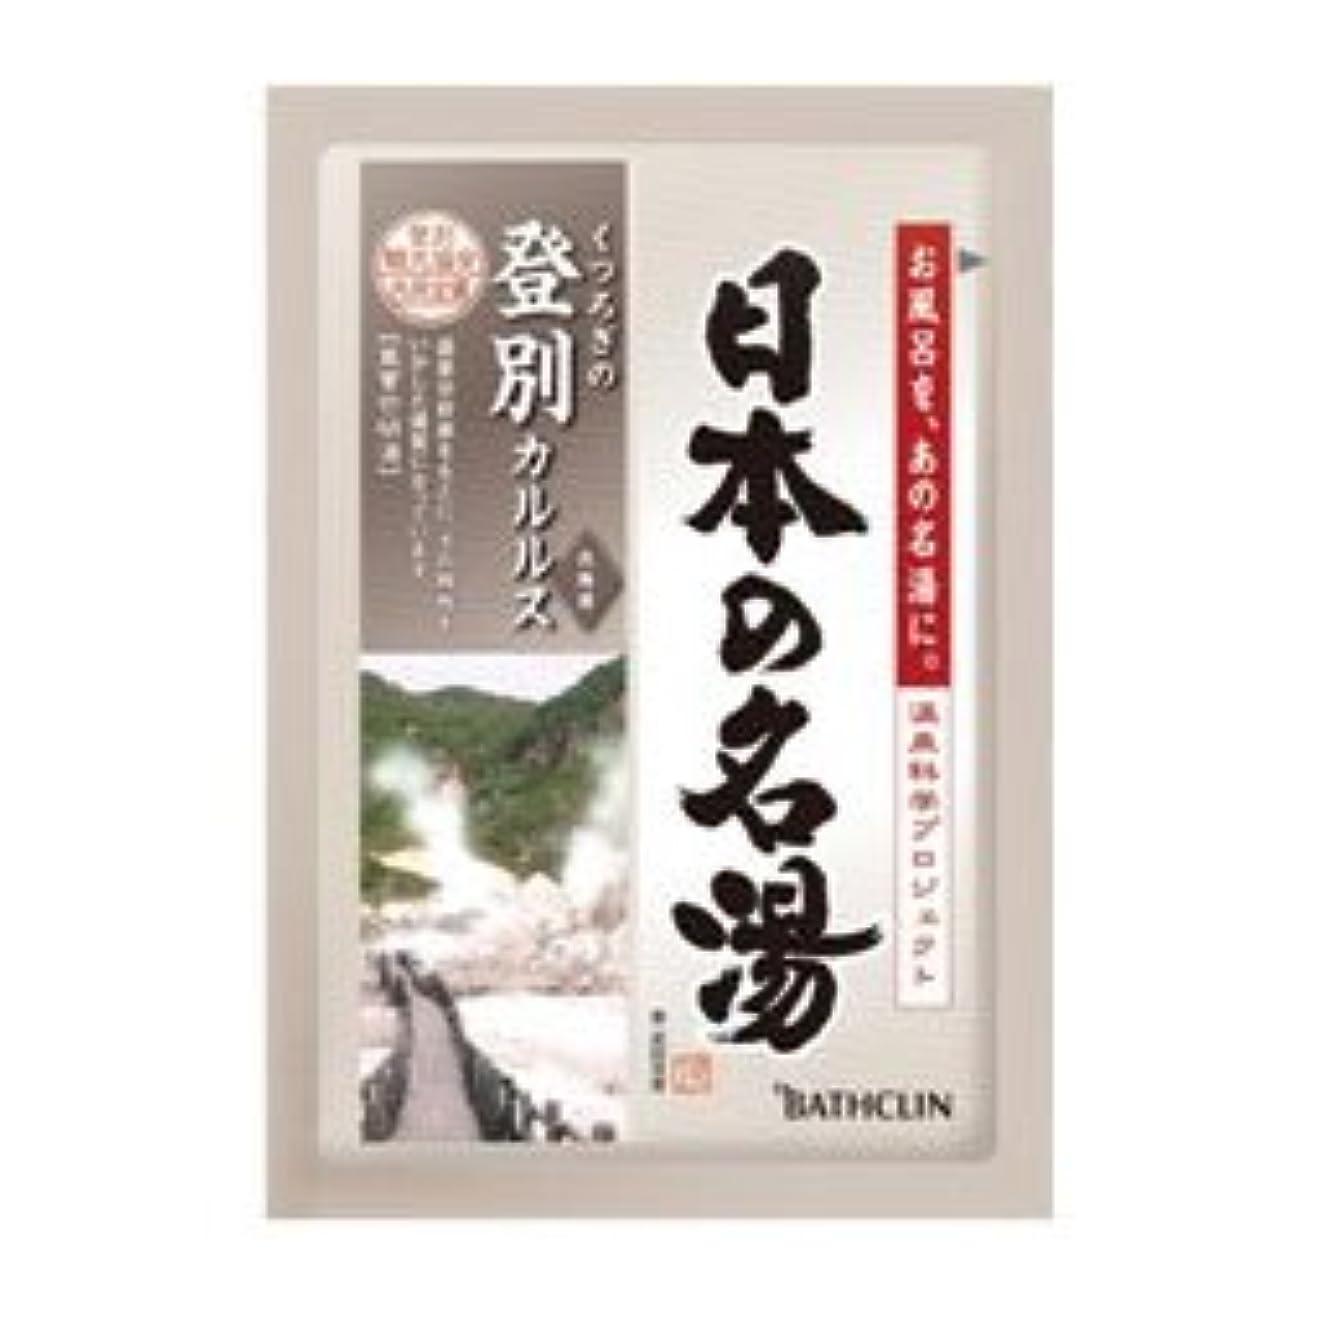 ラック喜んで味バスクリン 日本の名湯 登別カルルス 1包 医薬部外品 入浴剤×120点セット (4548514134980)